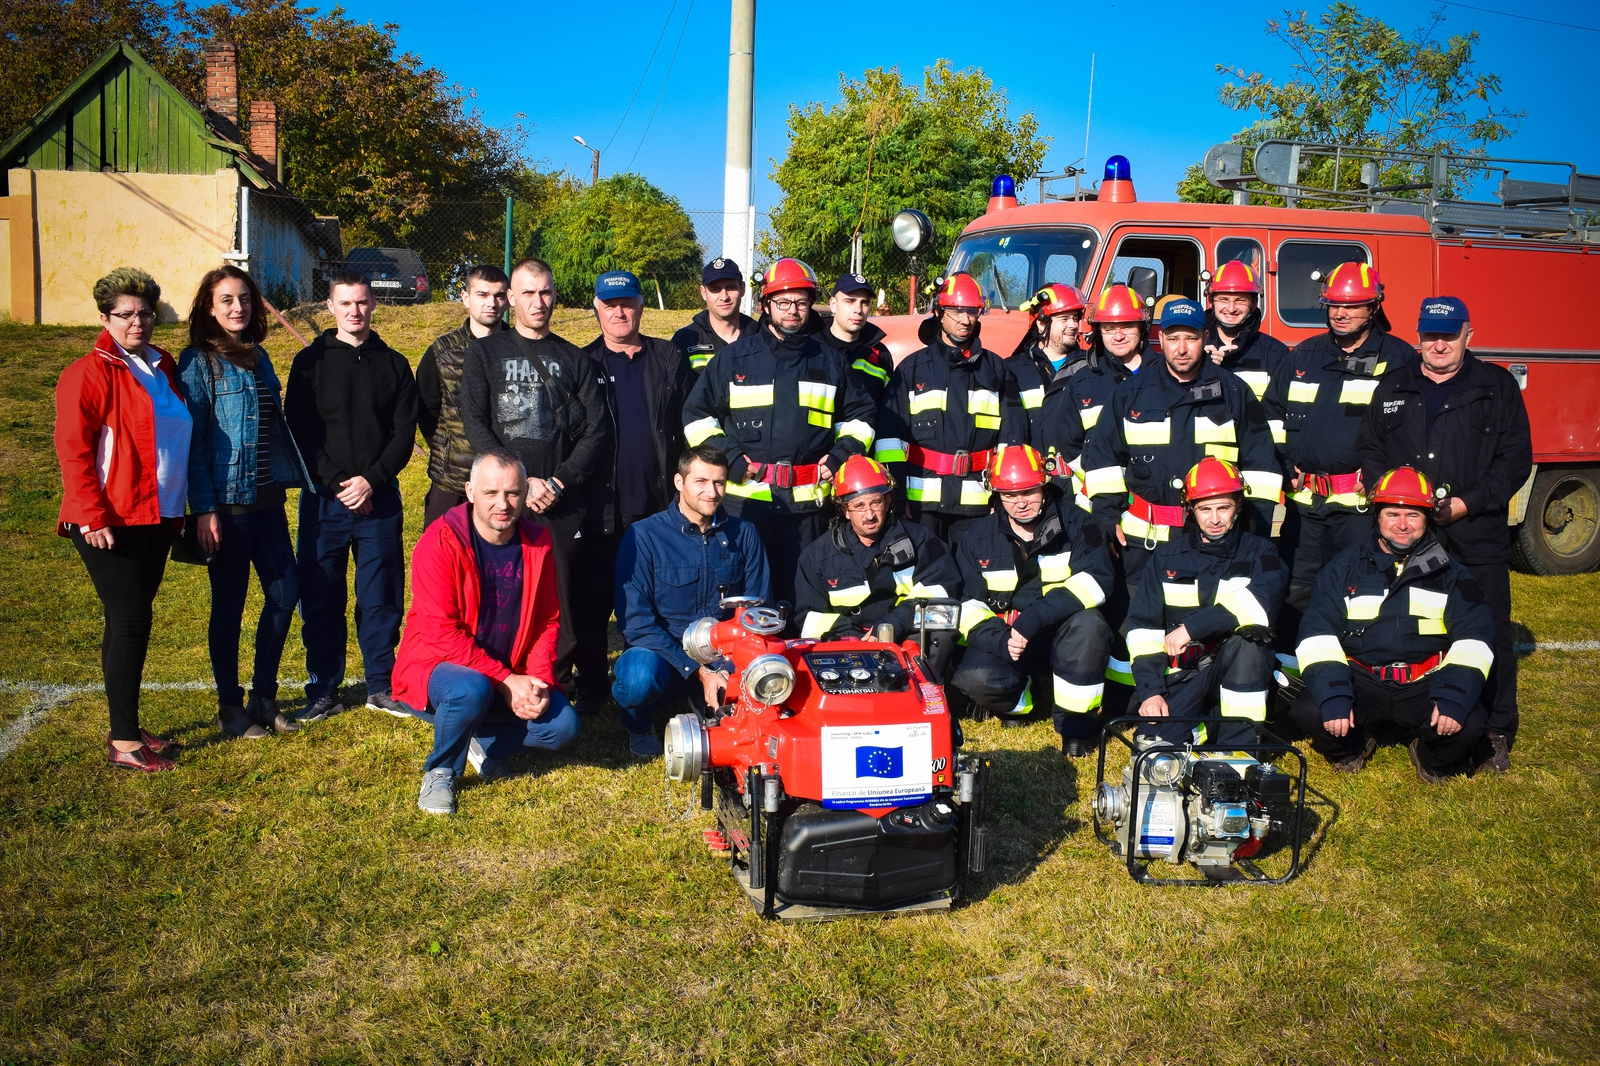 Zajednički trening vatrogasaca iz Rekaša i Žagubice